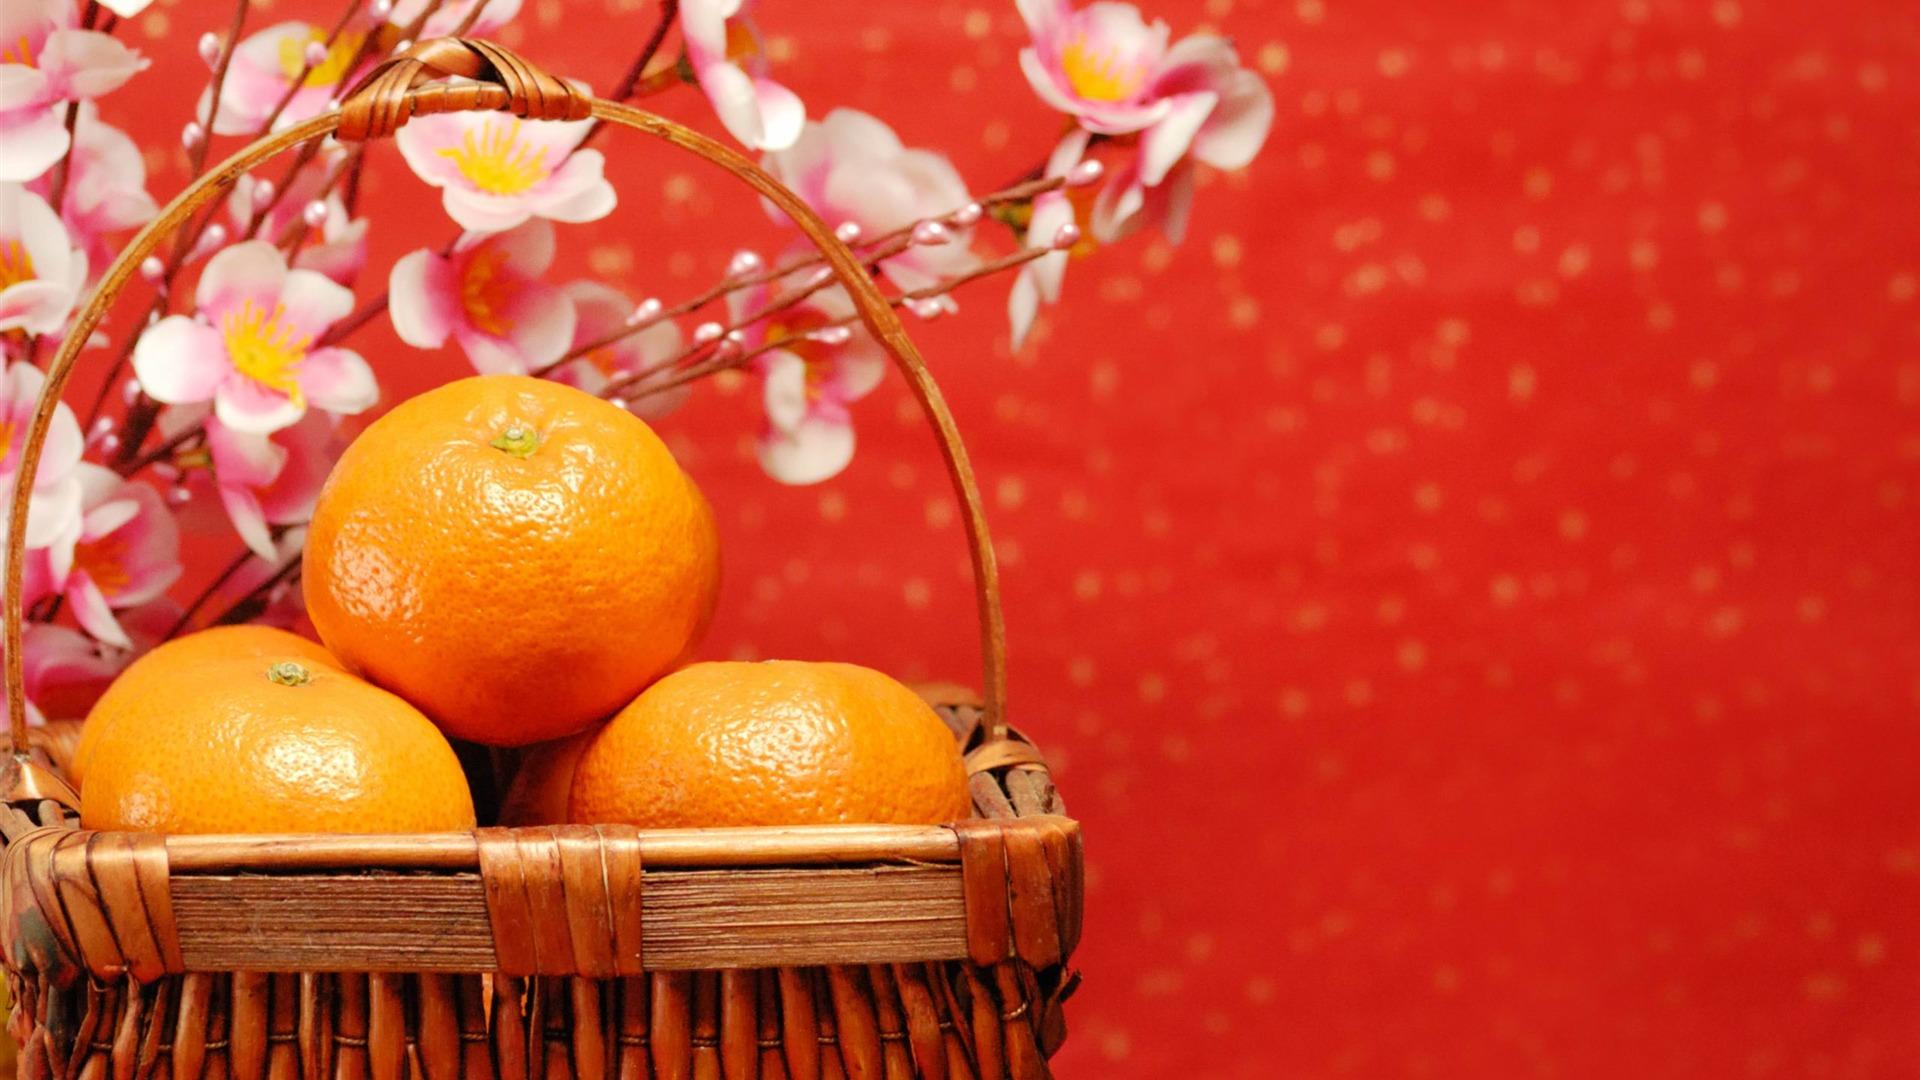 2013中国蛇年春节桌面壁纸预览   10wallpaper.com